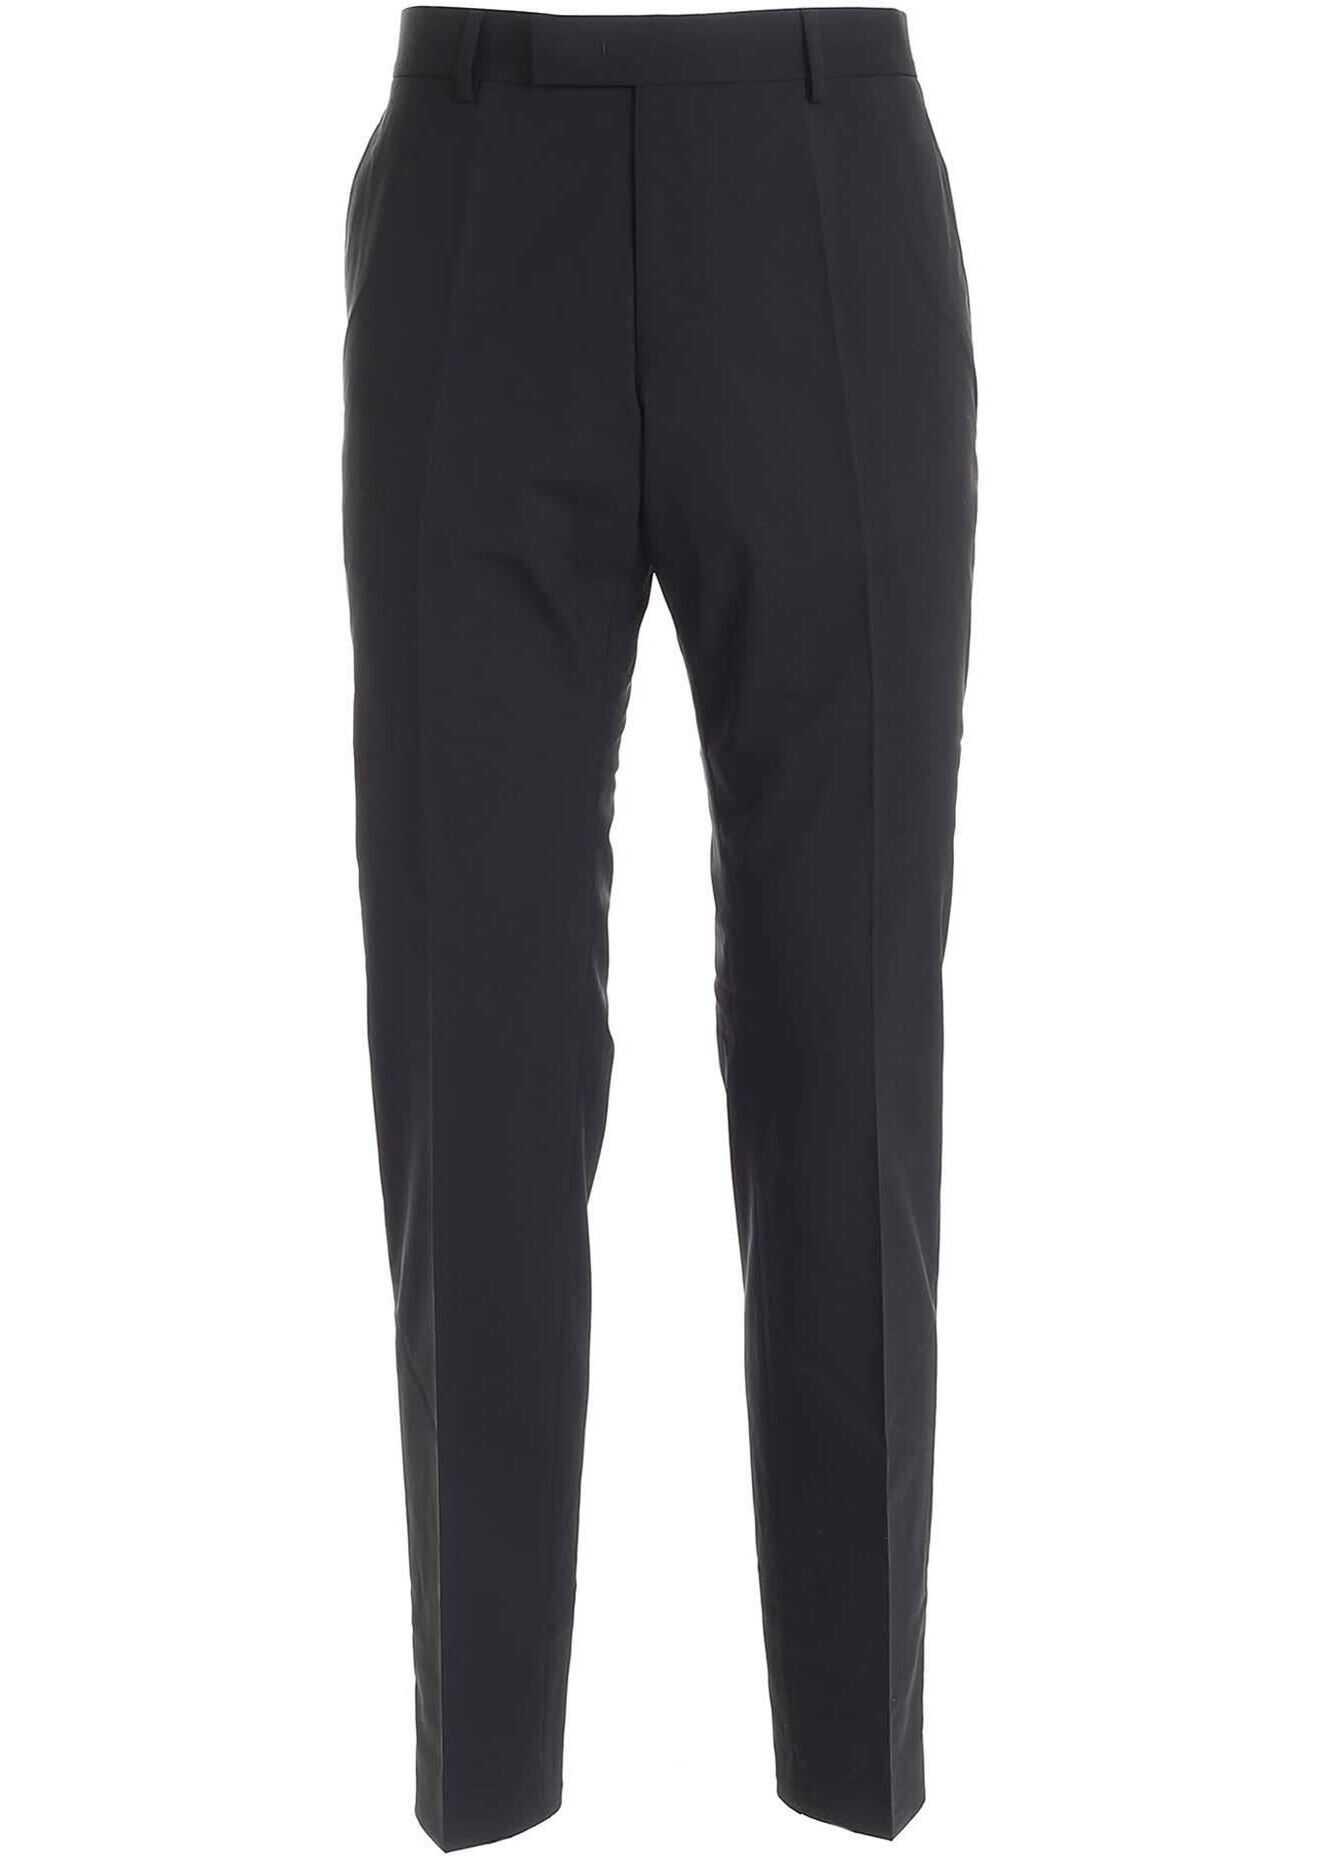 Karl Lagerfeld Stretch Virgin Wool Pants In Black Black imagine